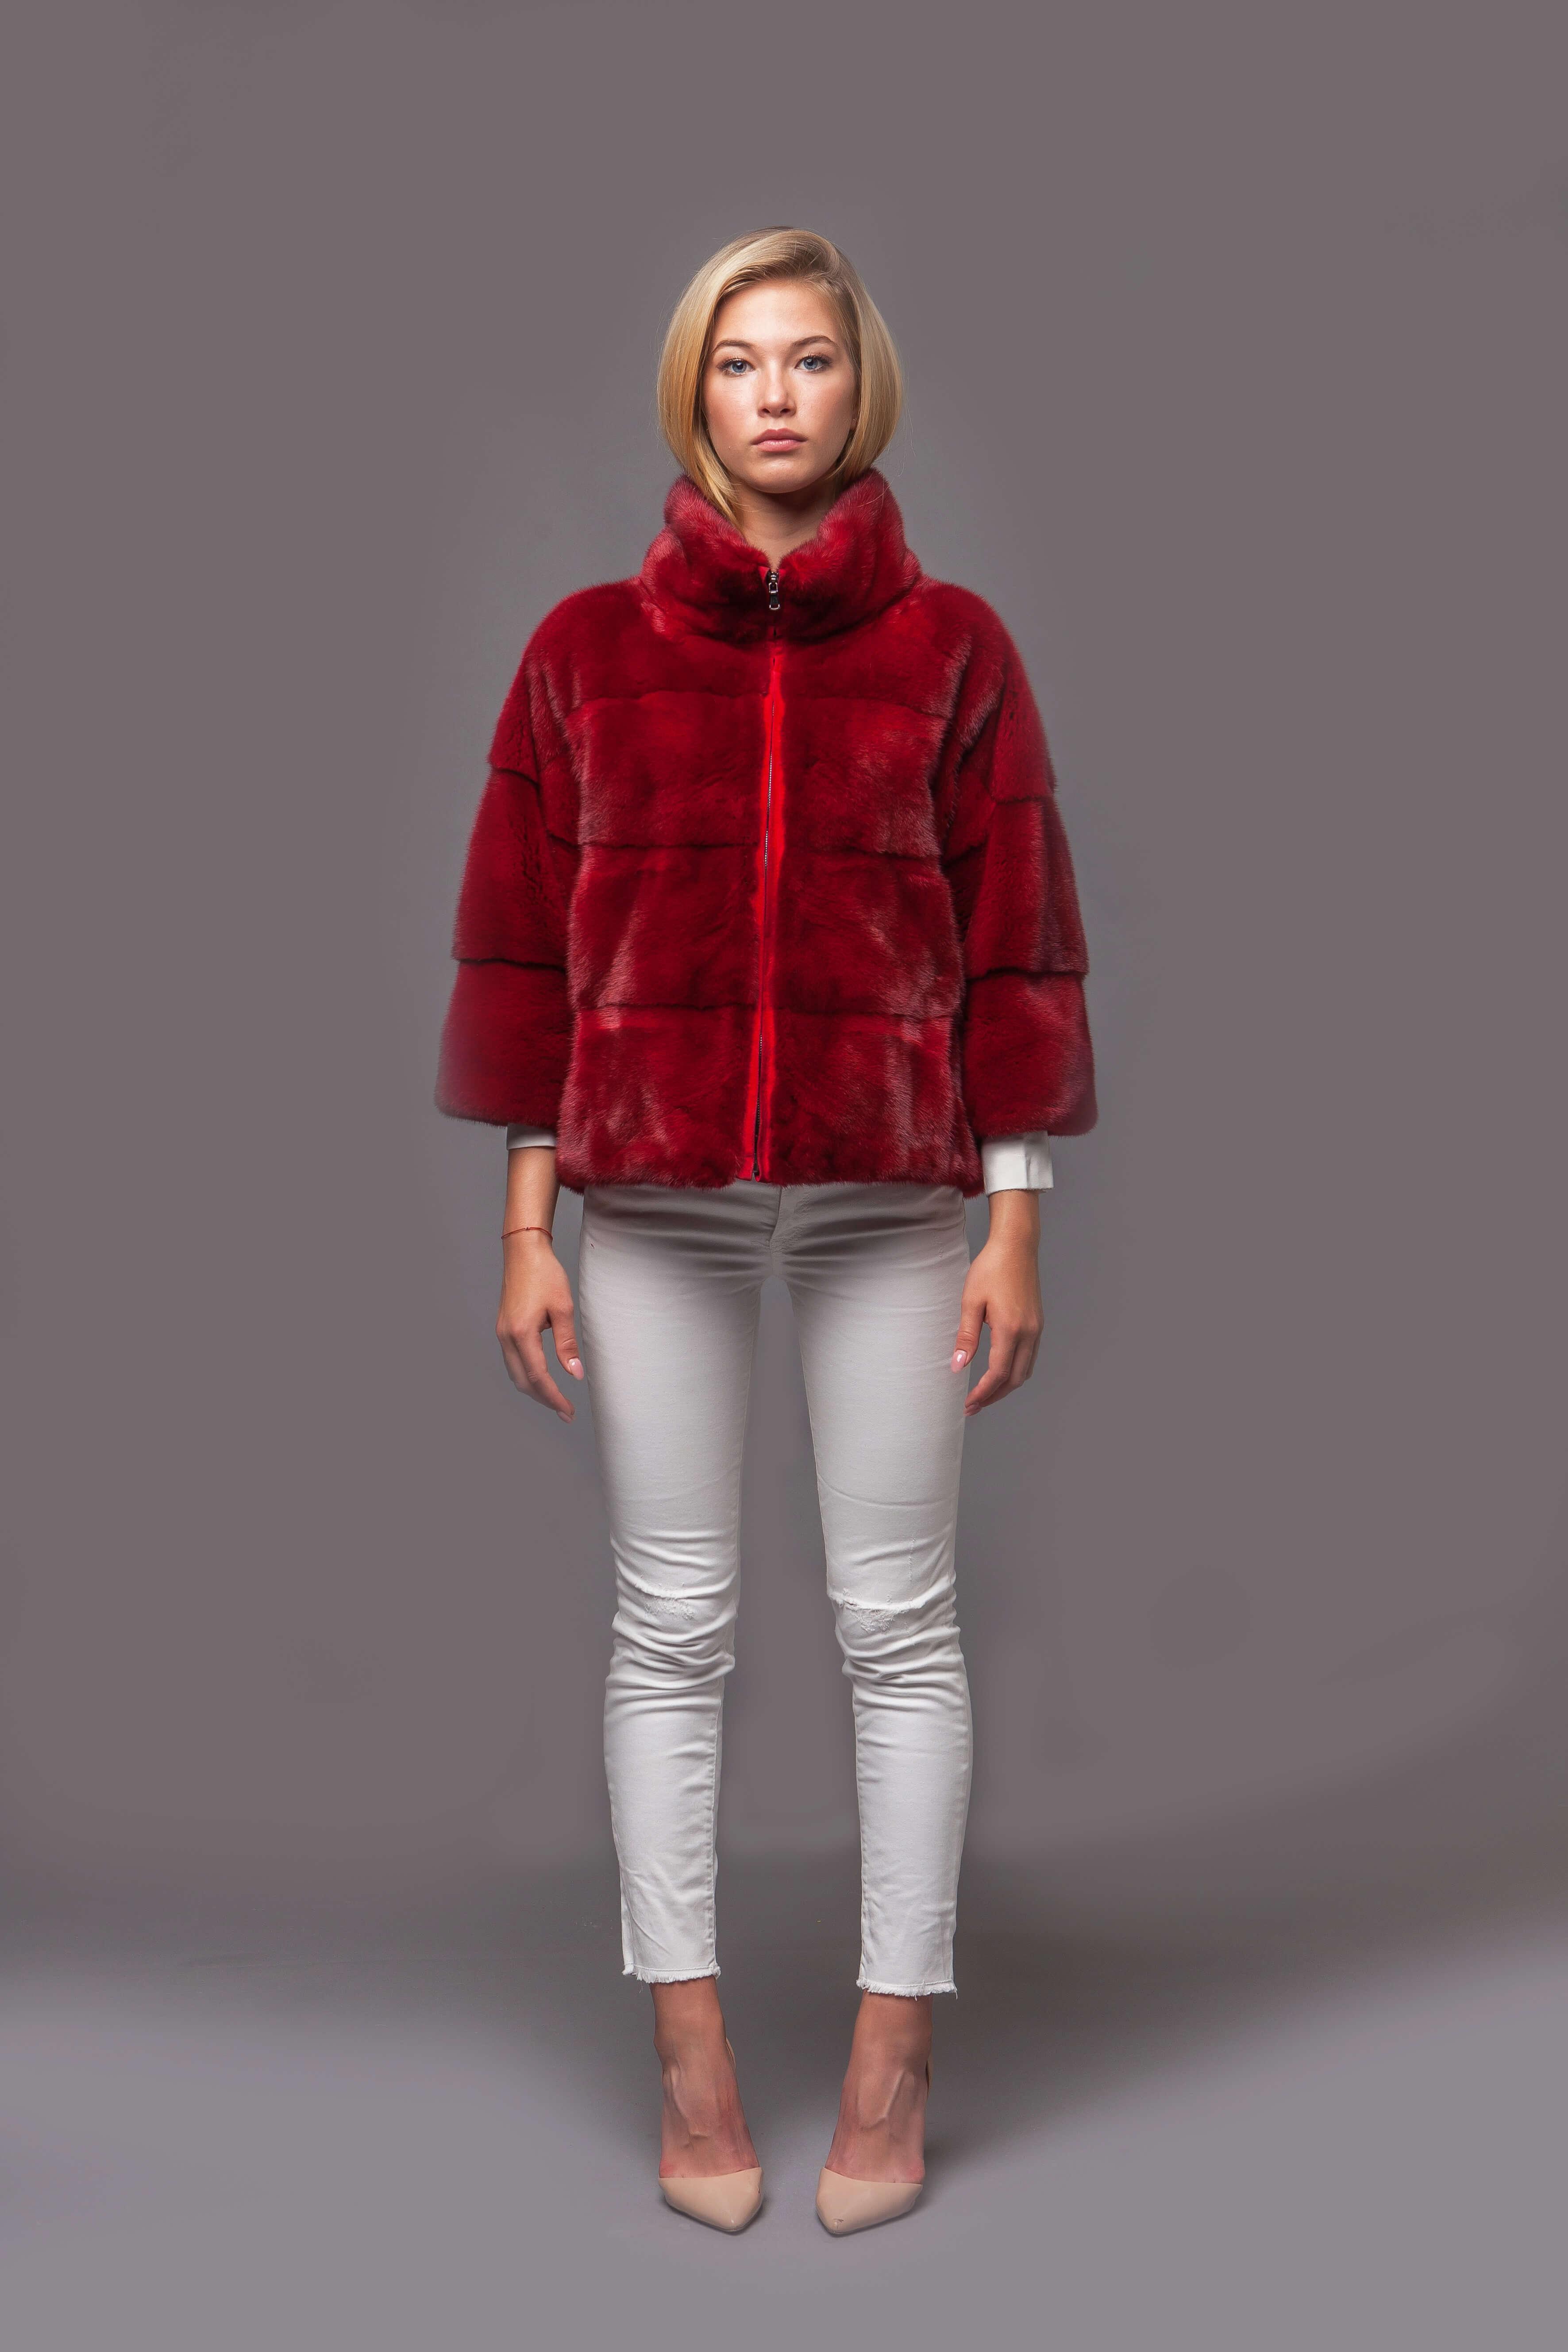 Красный норковый джемпер. Фото 1